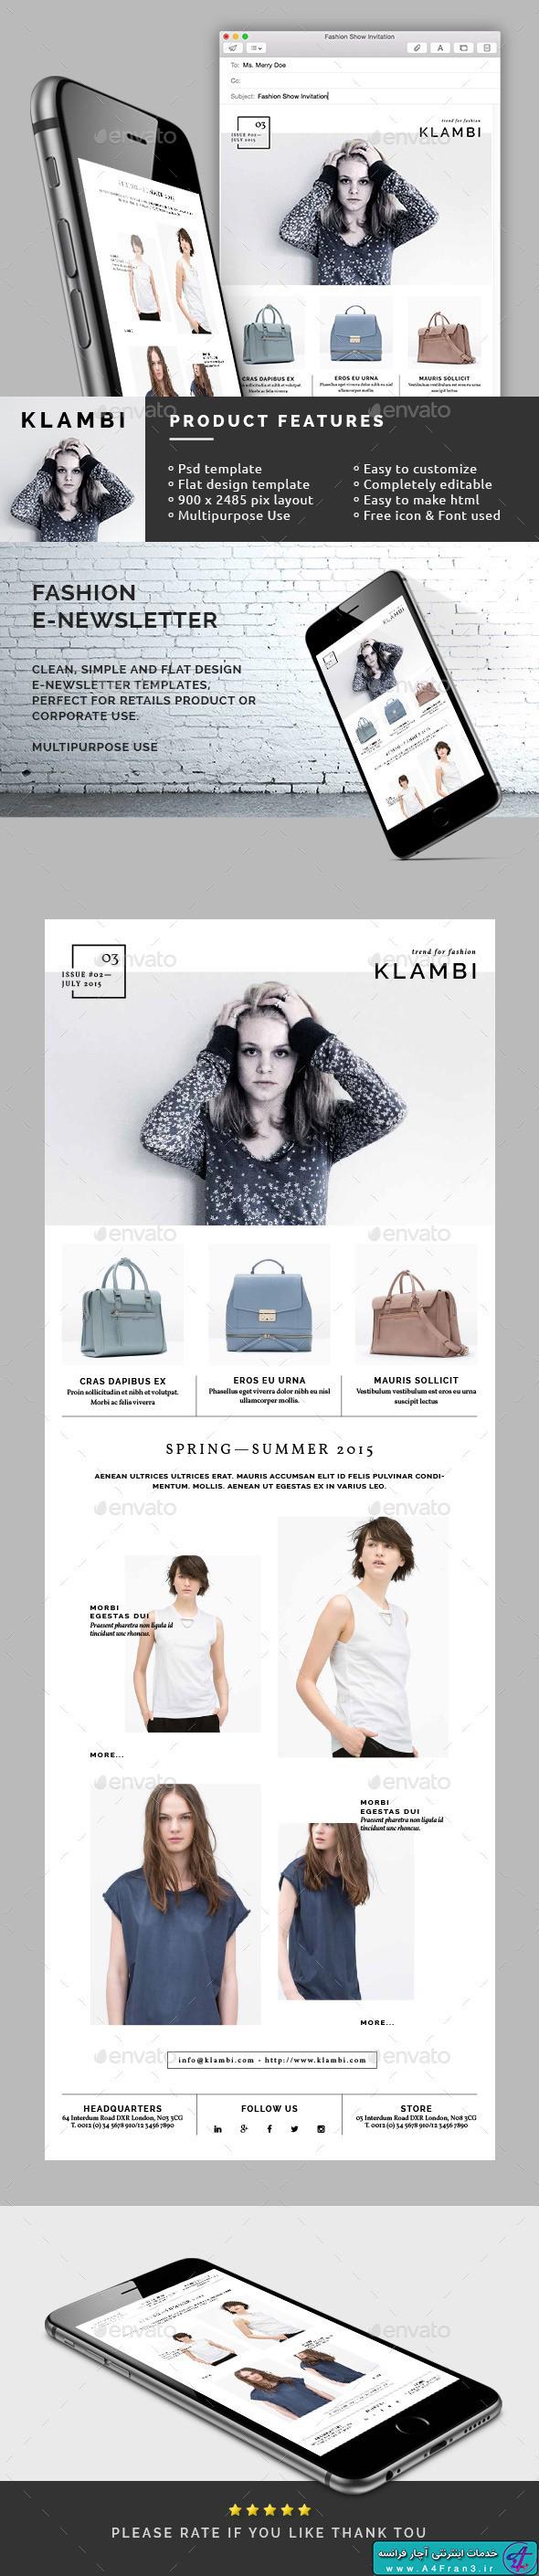 دانلود قالب فتوشاپ خبرنامه ایمیلی Fashion E-Newsletter